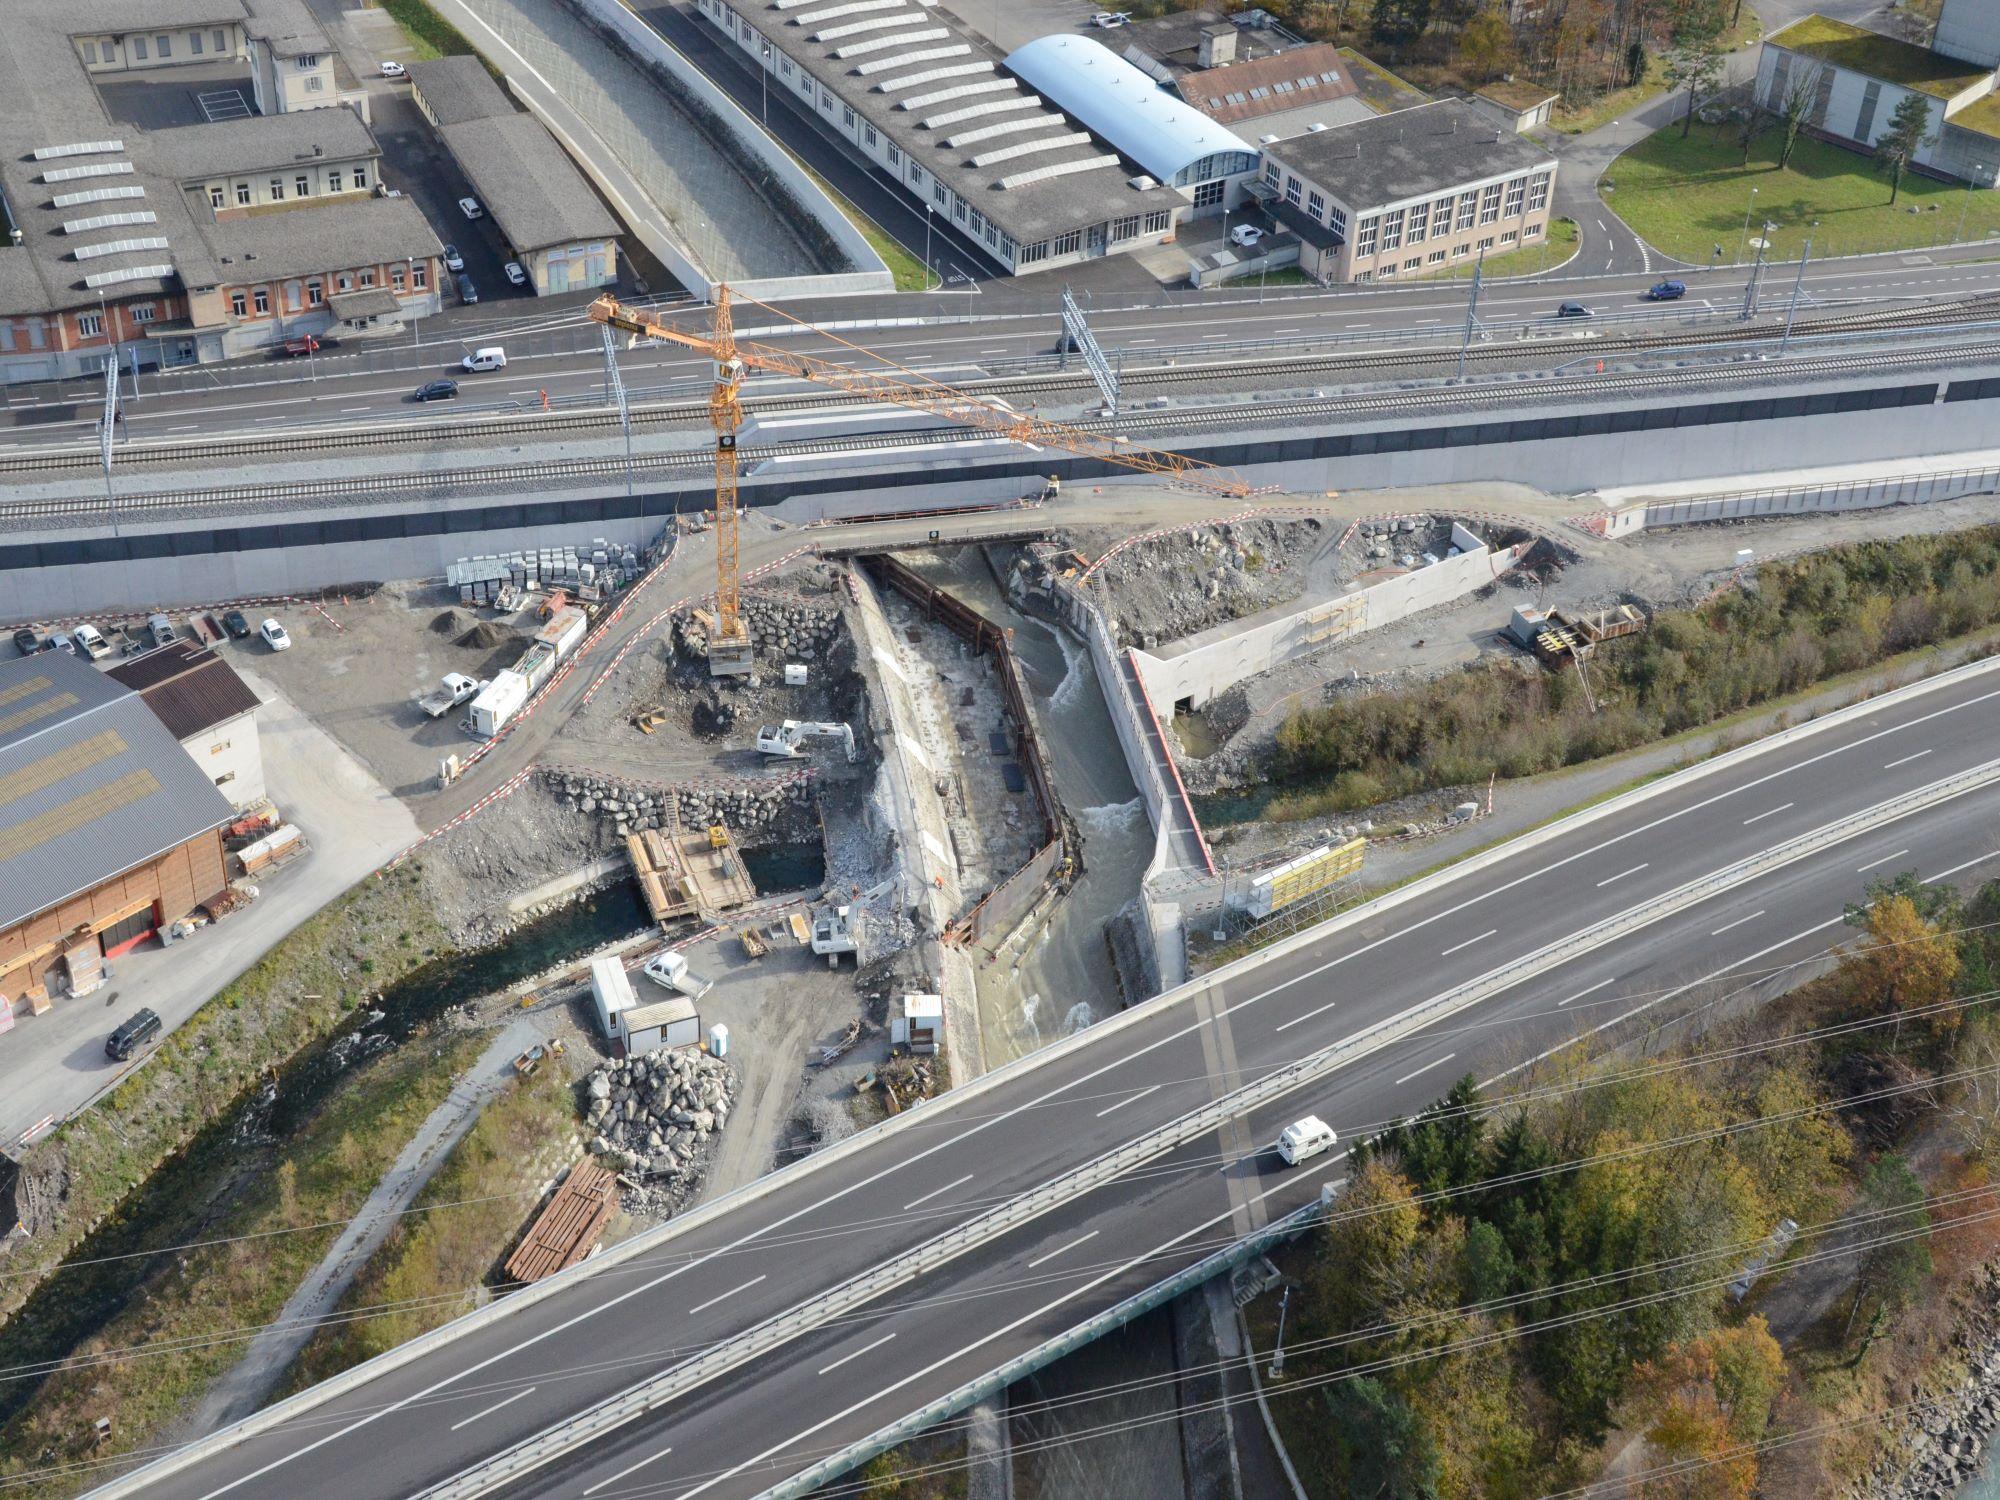 5_Uebersicht_Baustelle_Durchlass_Stille_Reuss2.JPG